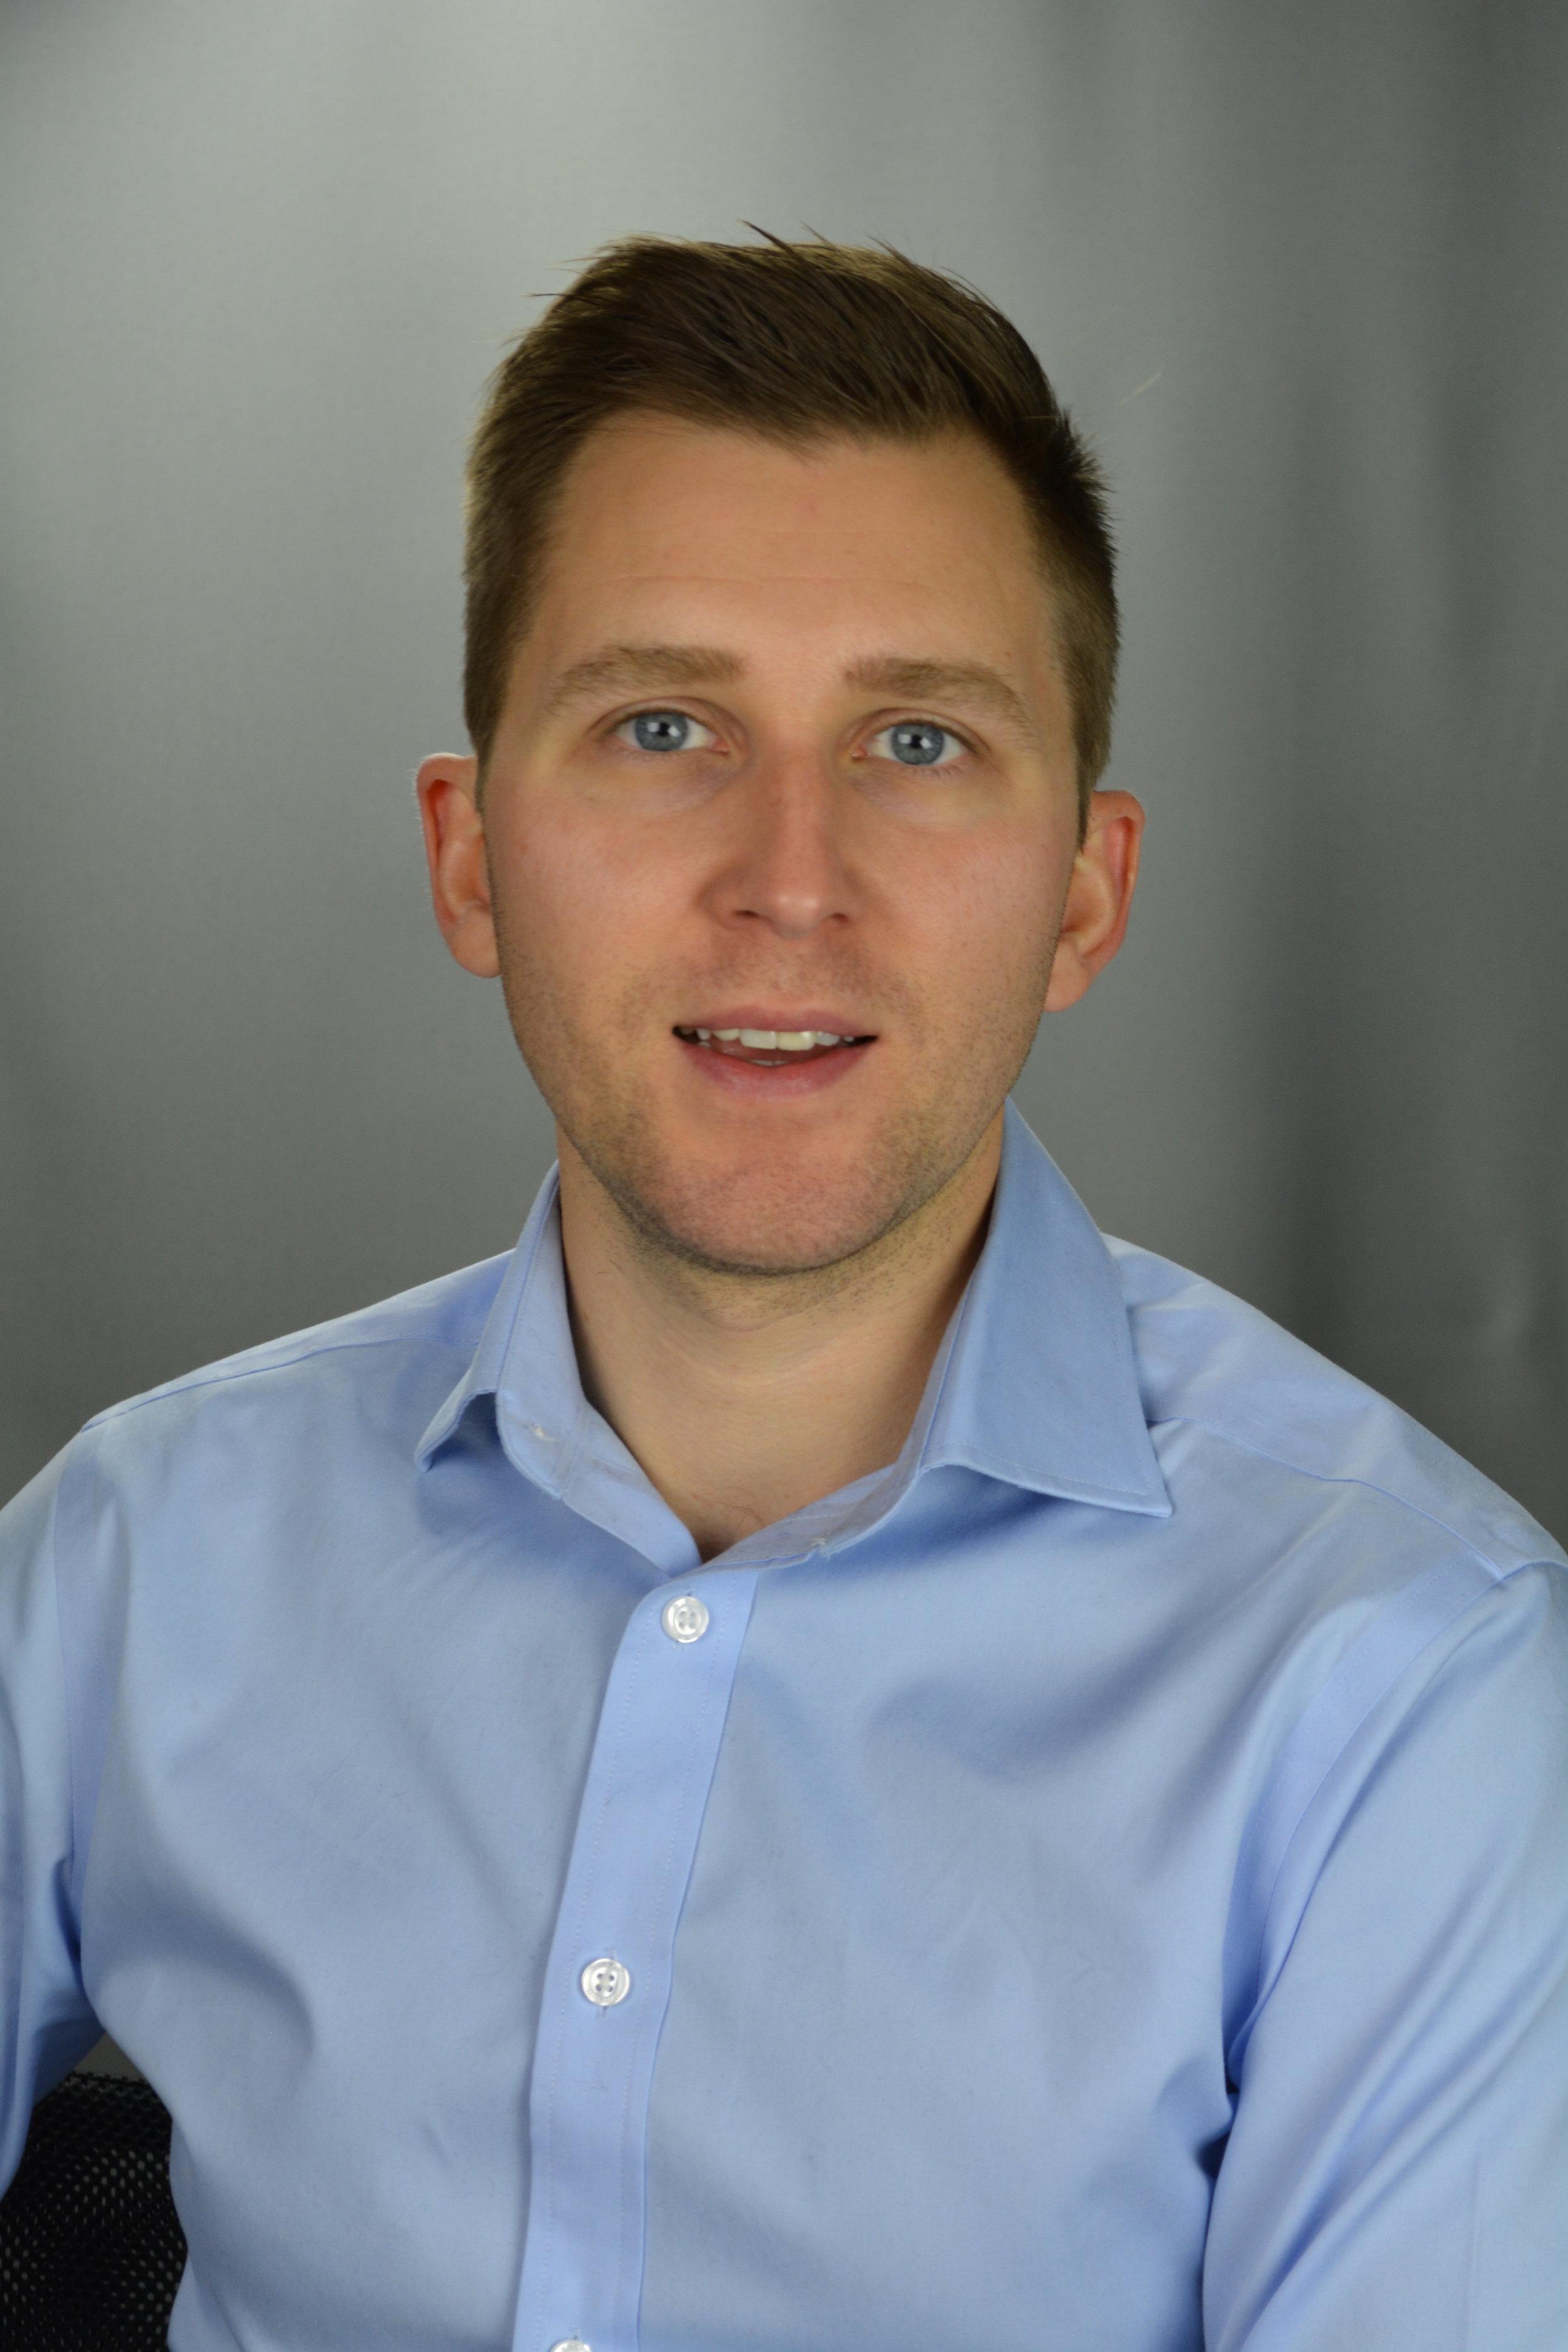 Jeff Perron